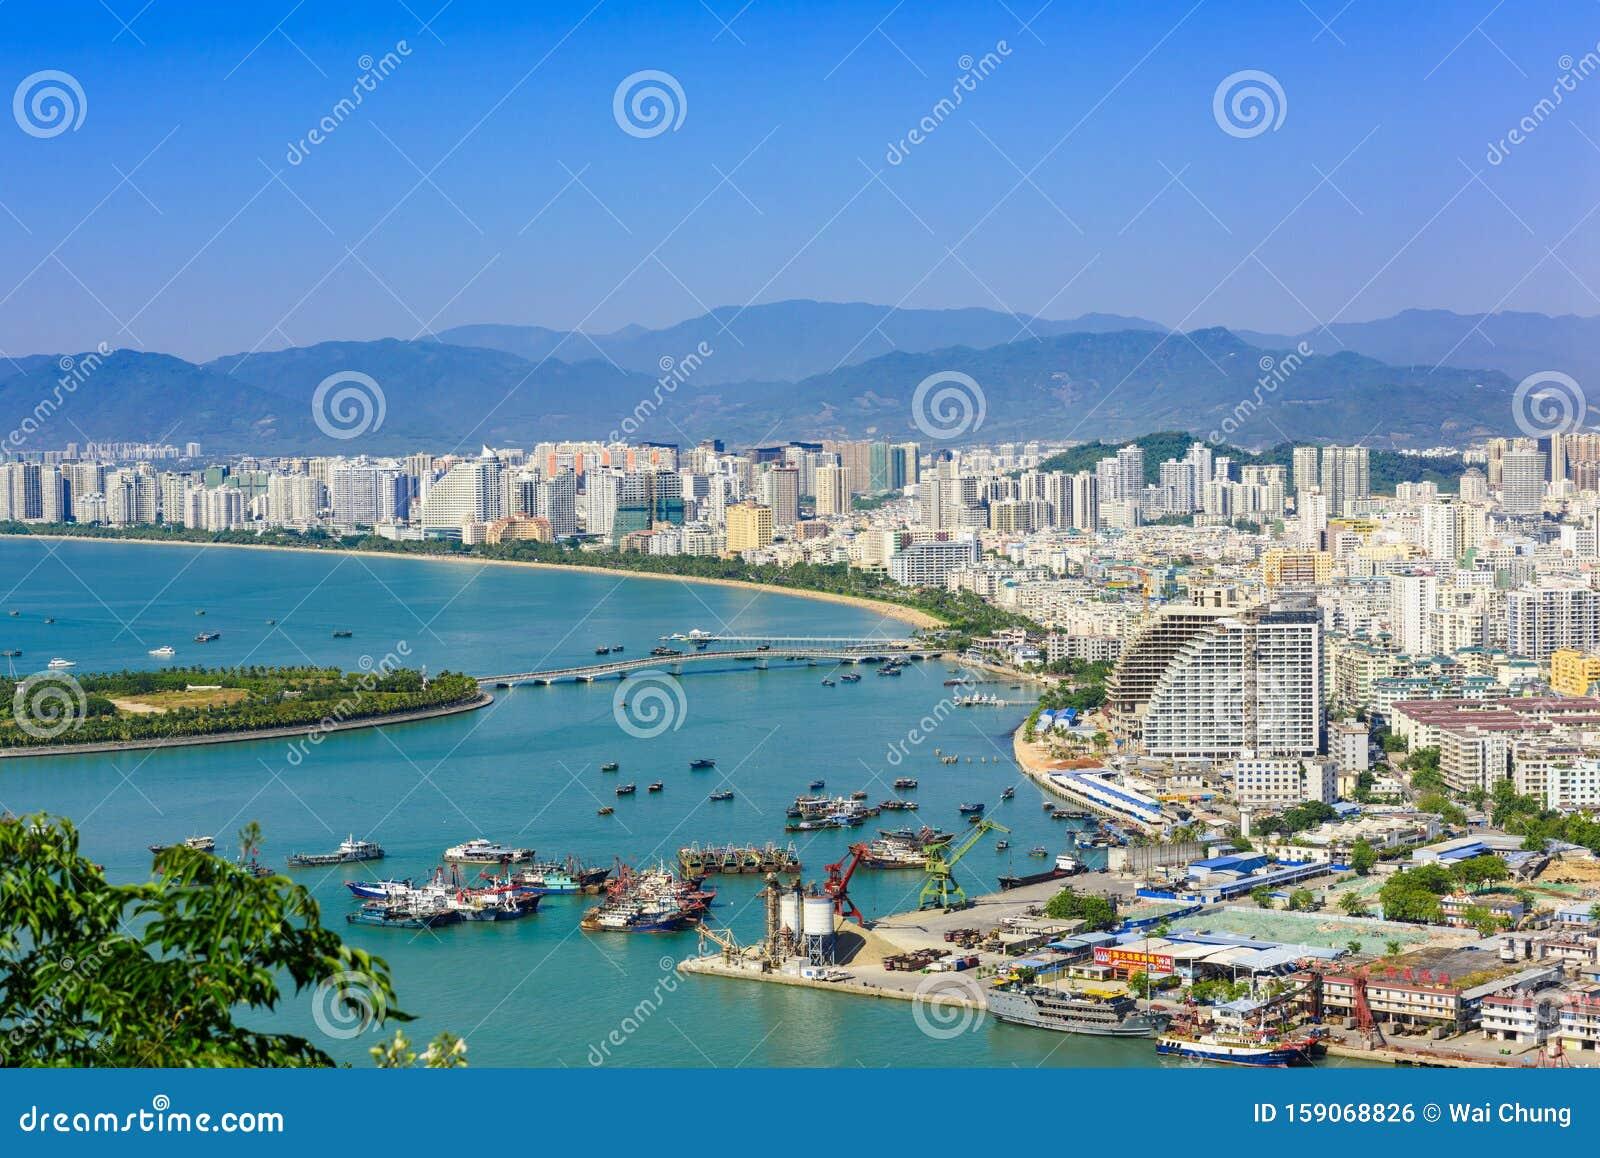 Vista De La Ciudad De Sanya Isla De Hainan China Foto Editorial Imagen De Hainan Ciudad 159068826